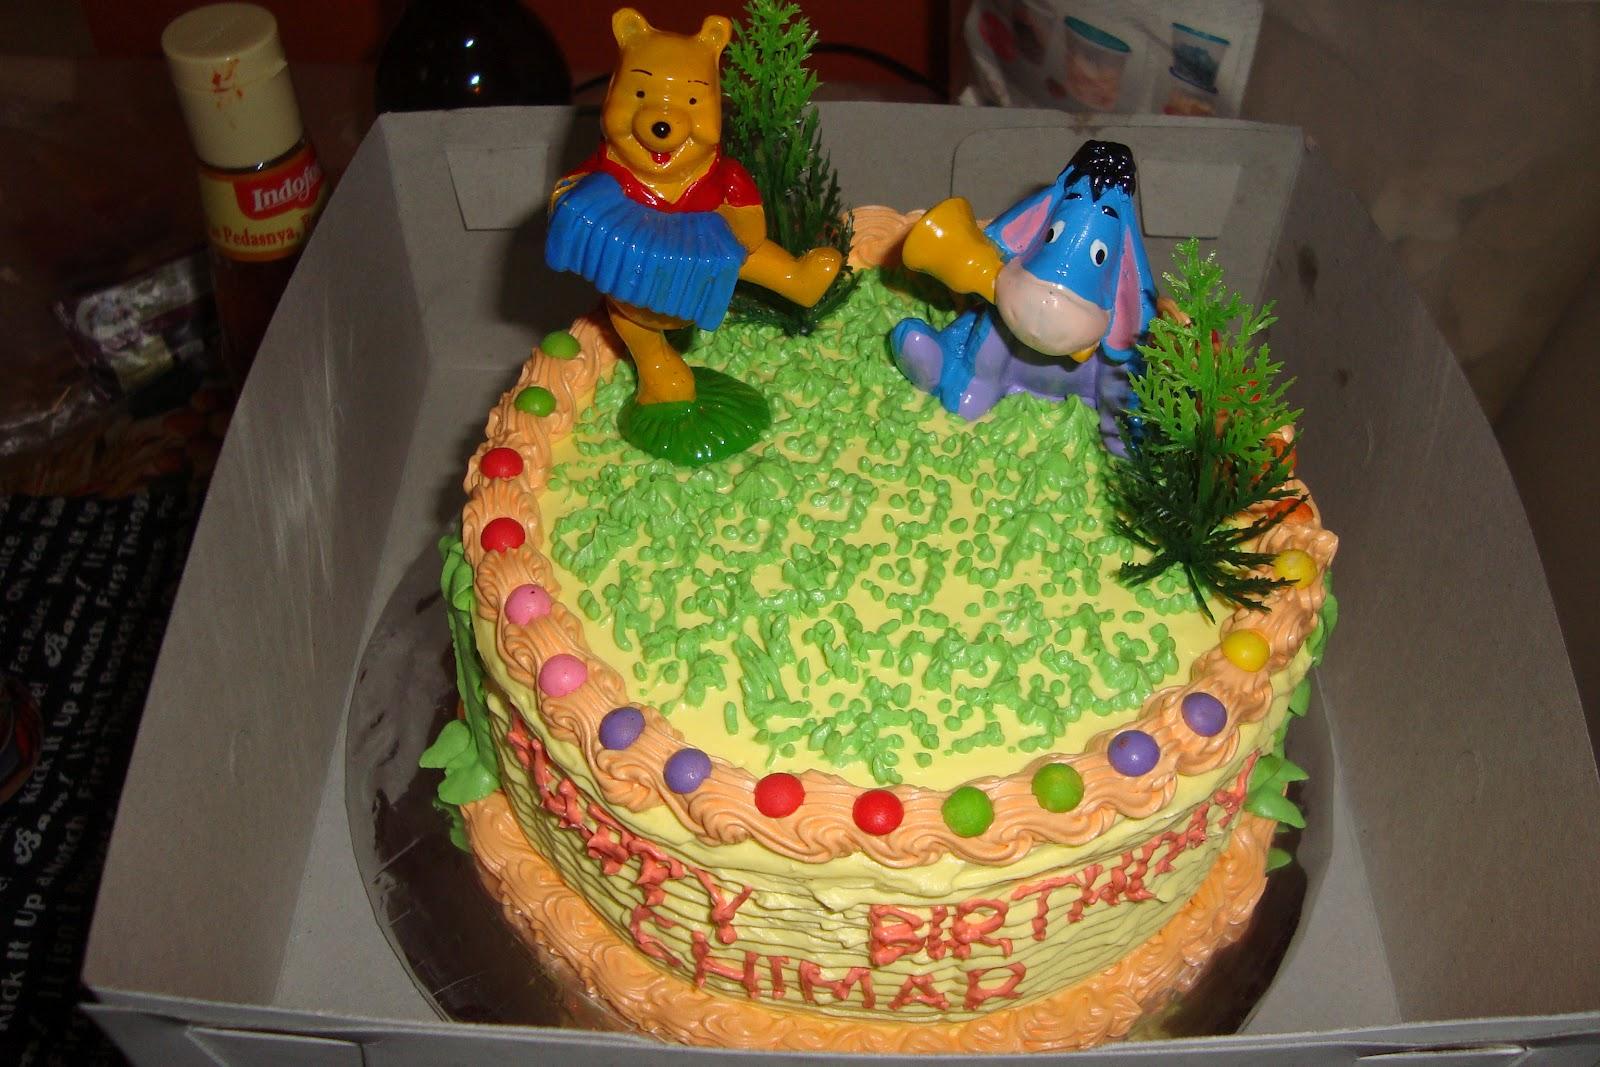 Kithing Cake,Cookies & Chocolate: Koleksi Kue Ulang Tahun